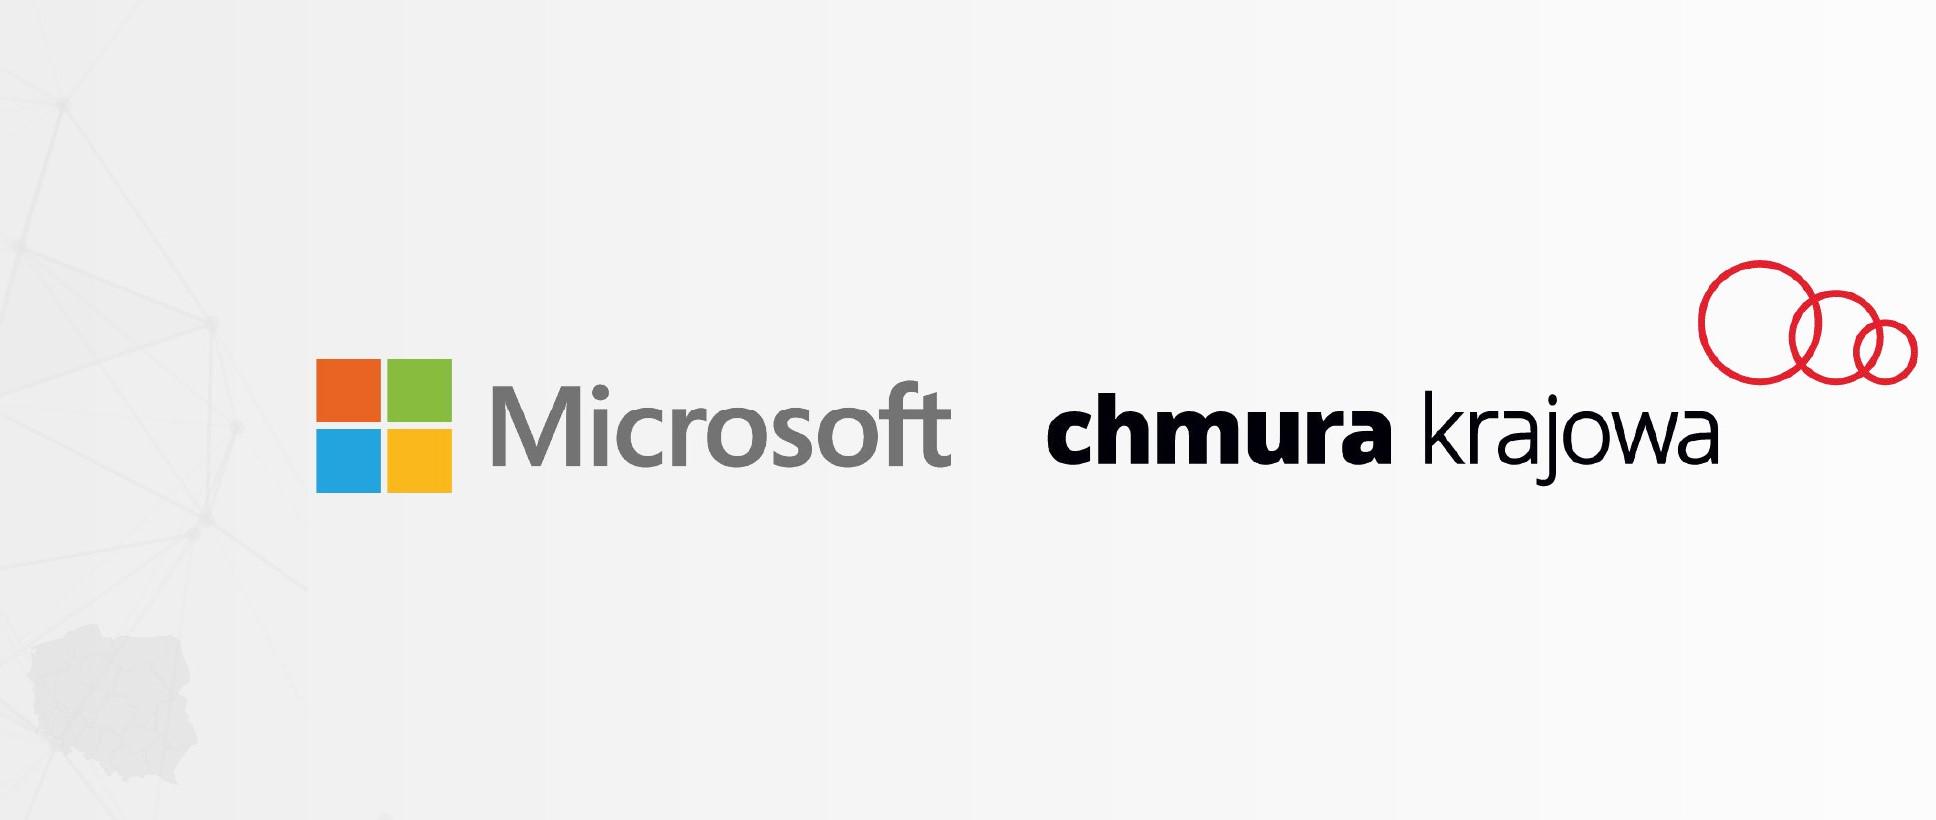 Miliard dolarów inwestycji Microsoftu w Polsce. Ogłoszono partnerstwo z Operatorem Chmury Krajowej